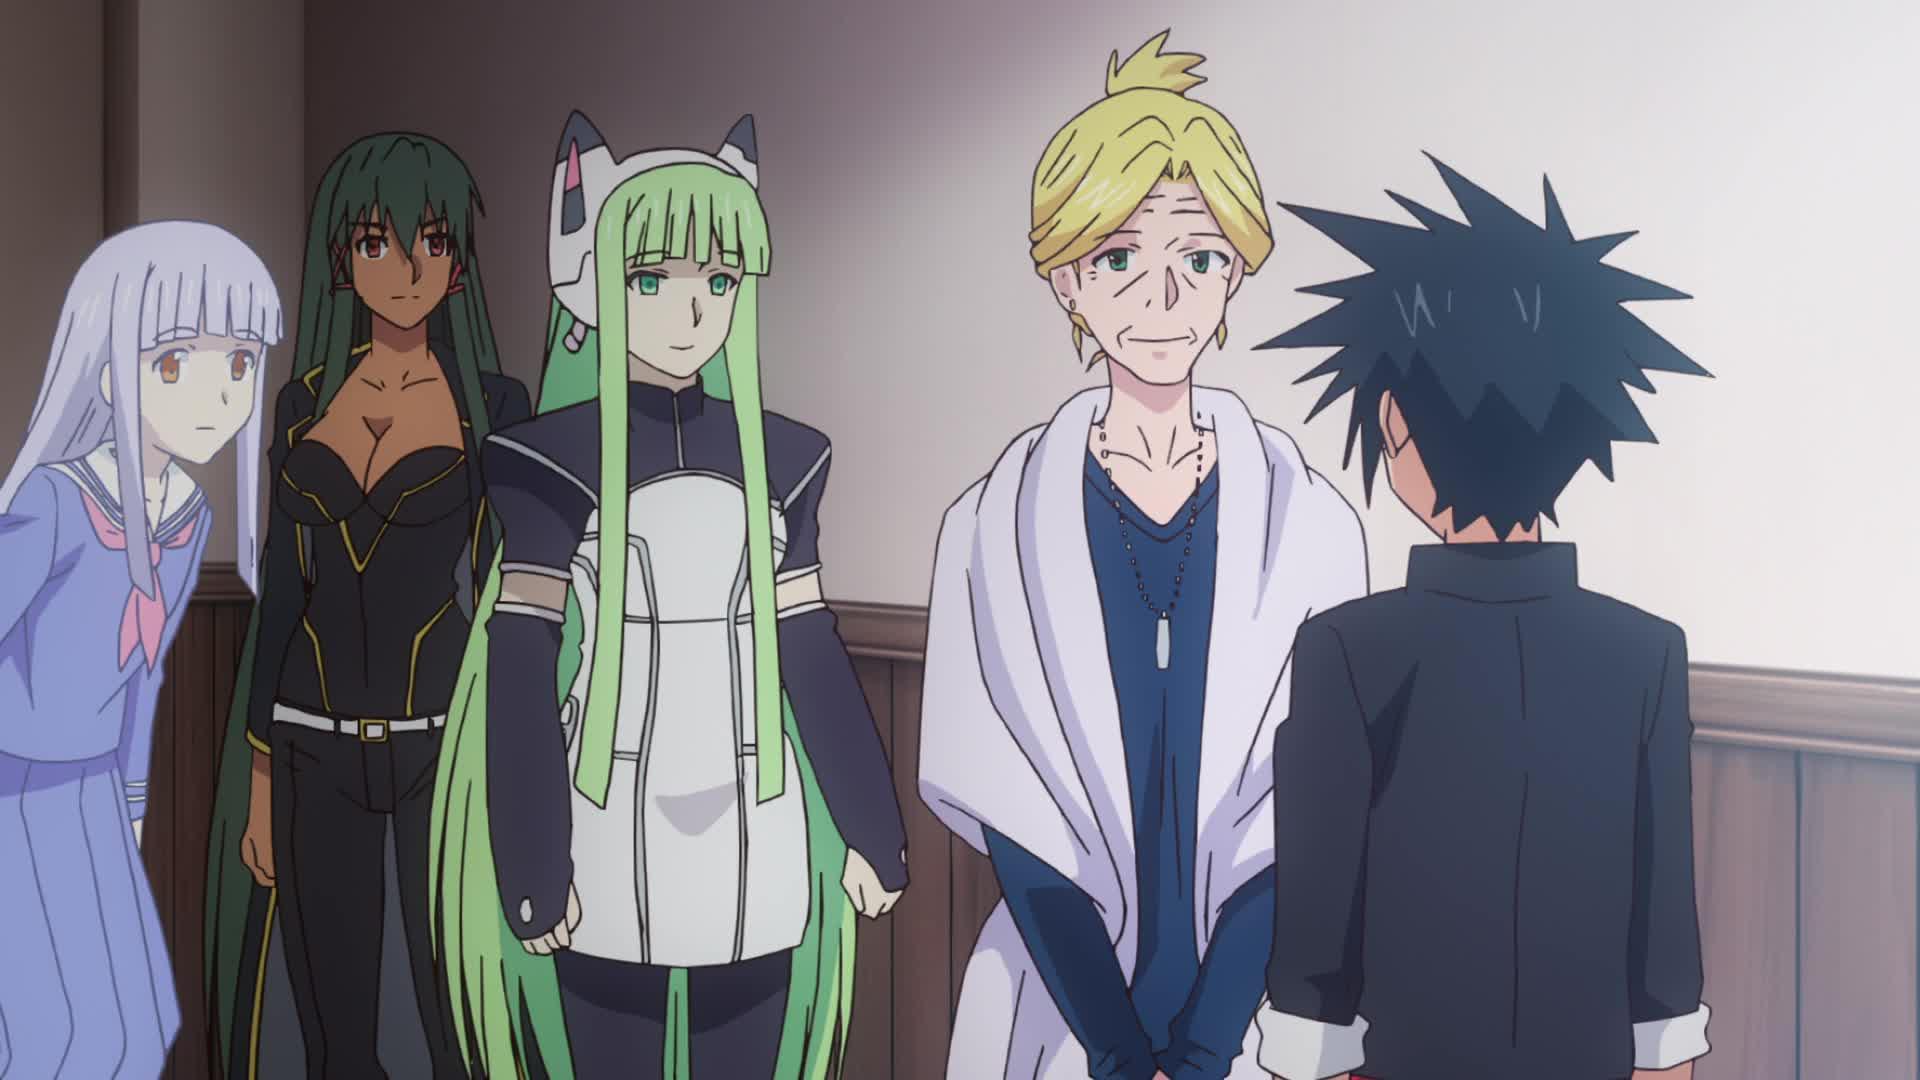 Introdução: UQ Holder! Mahou Sensei Negima 2 - A história